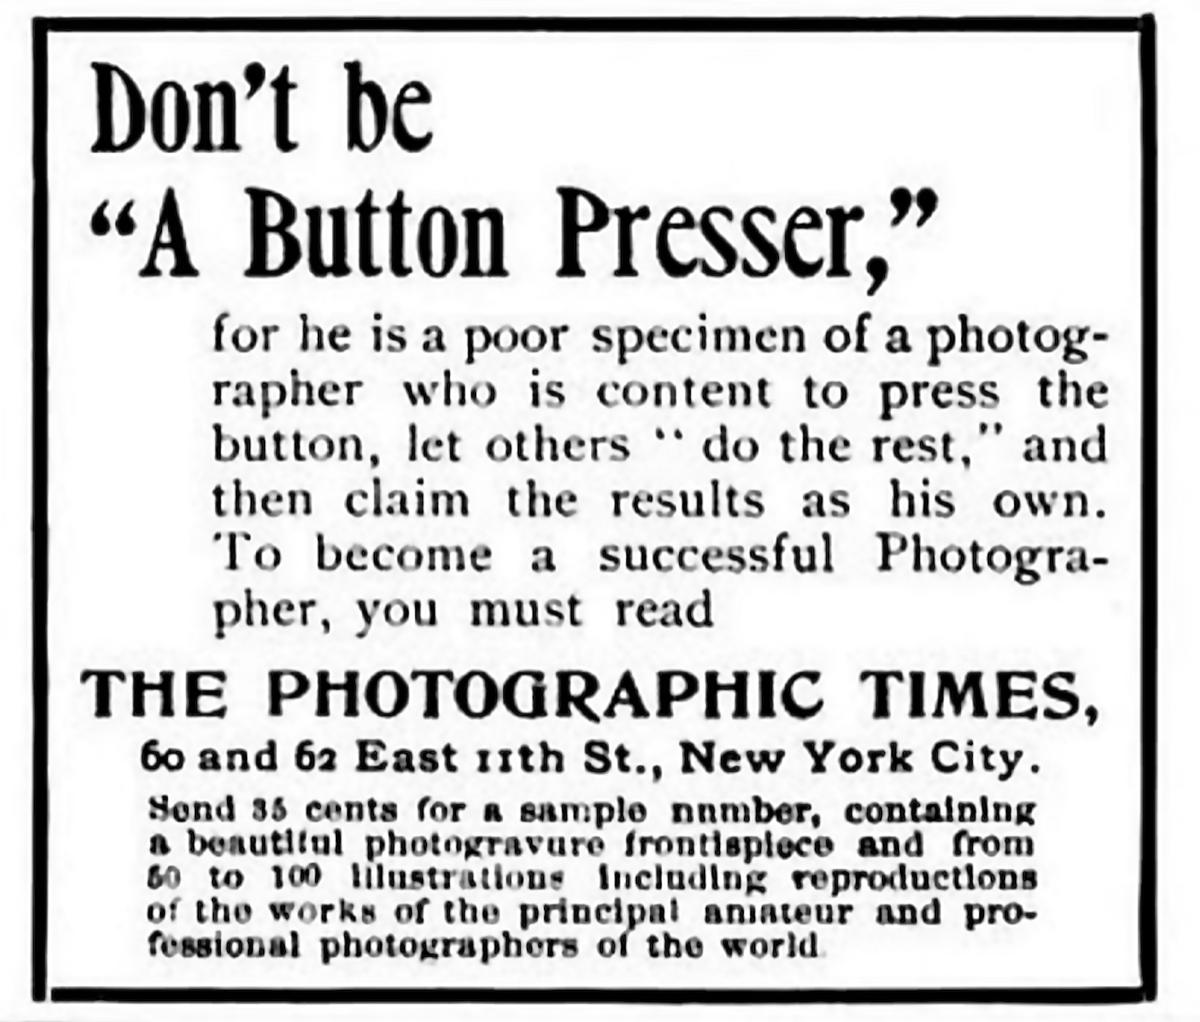 an anti-Kodak camera ad